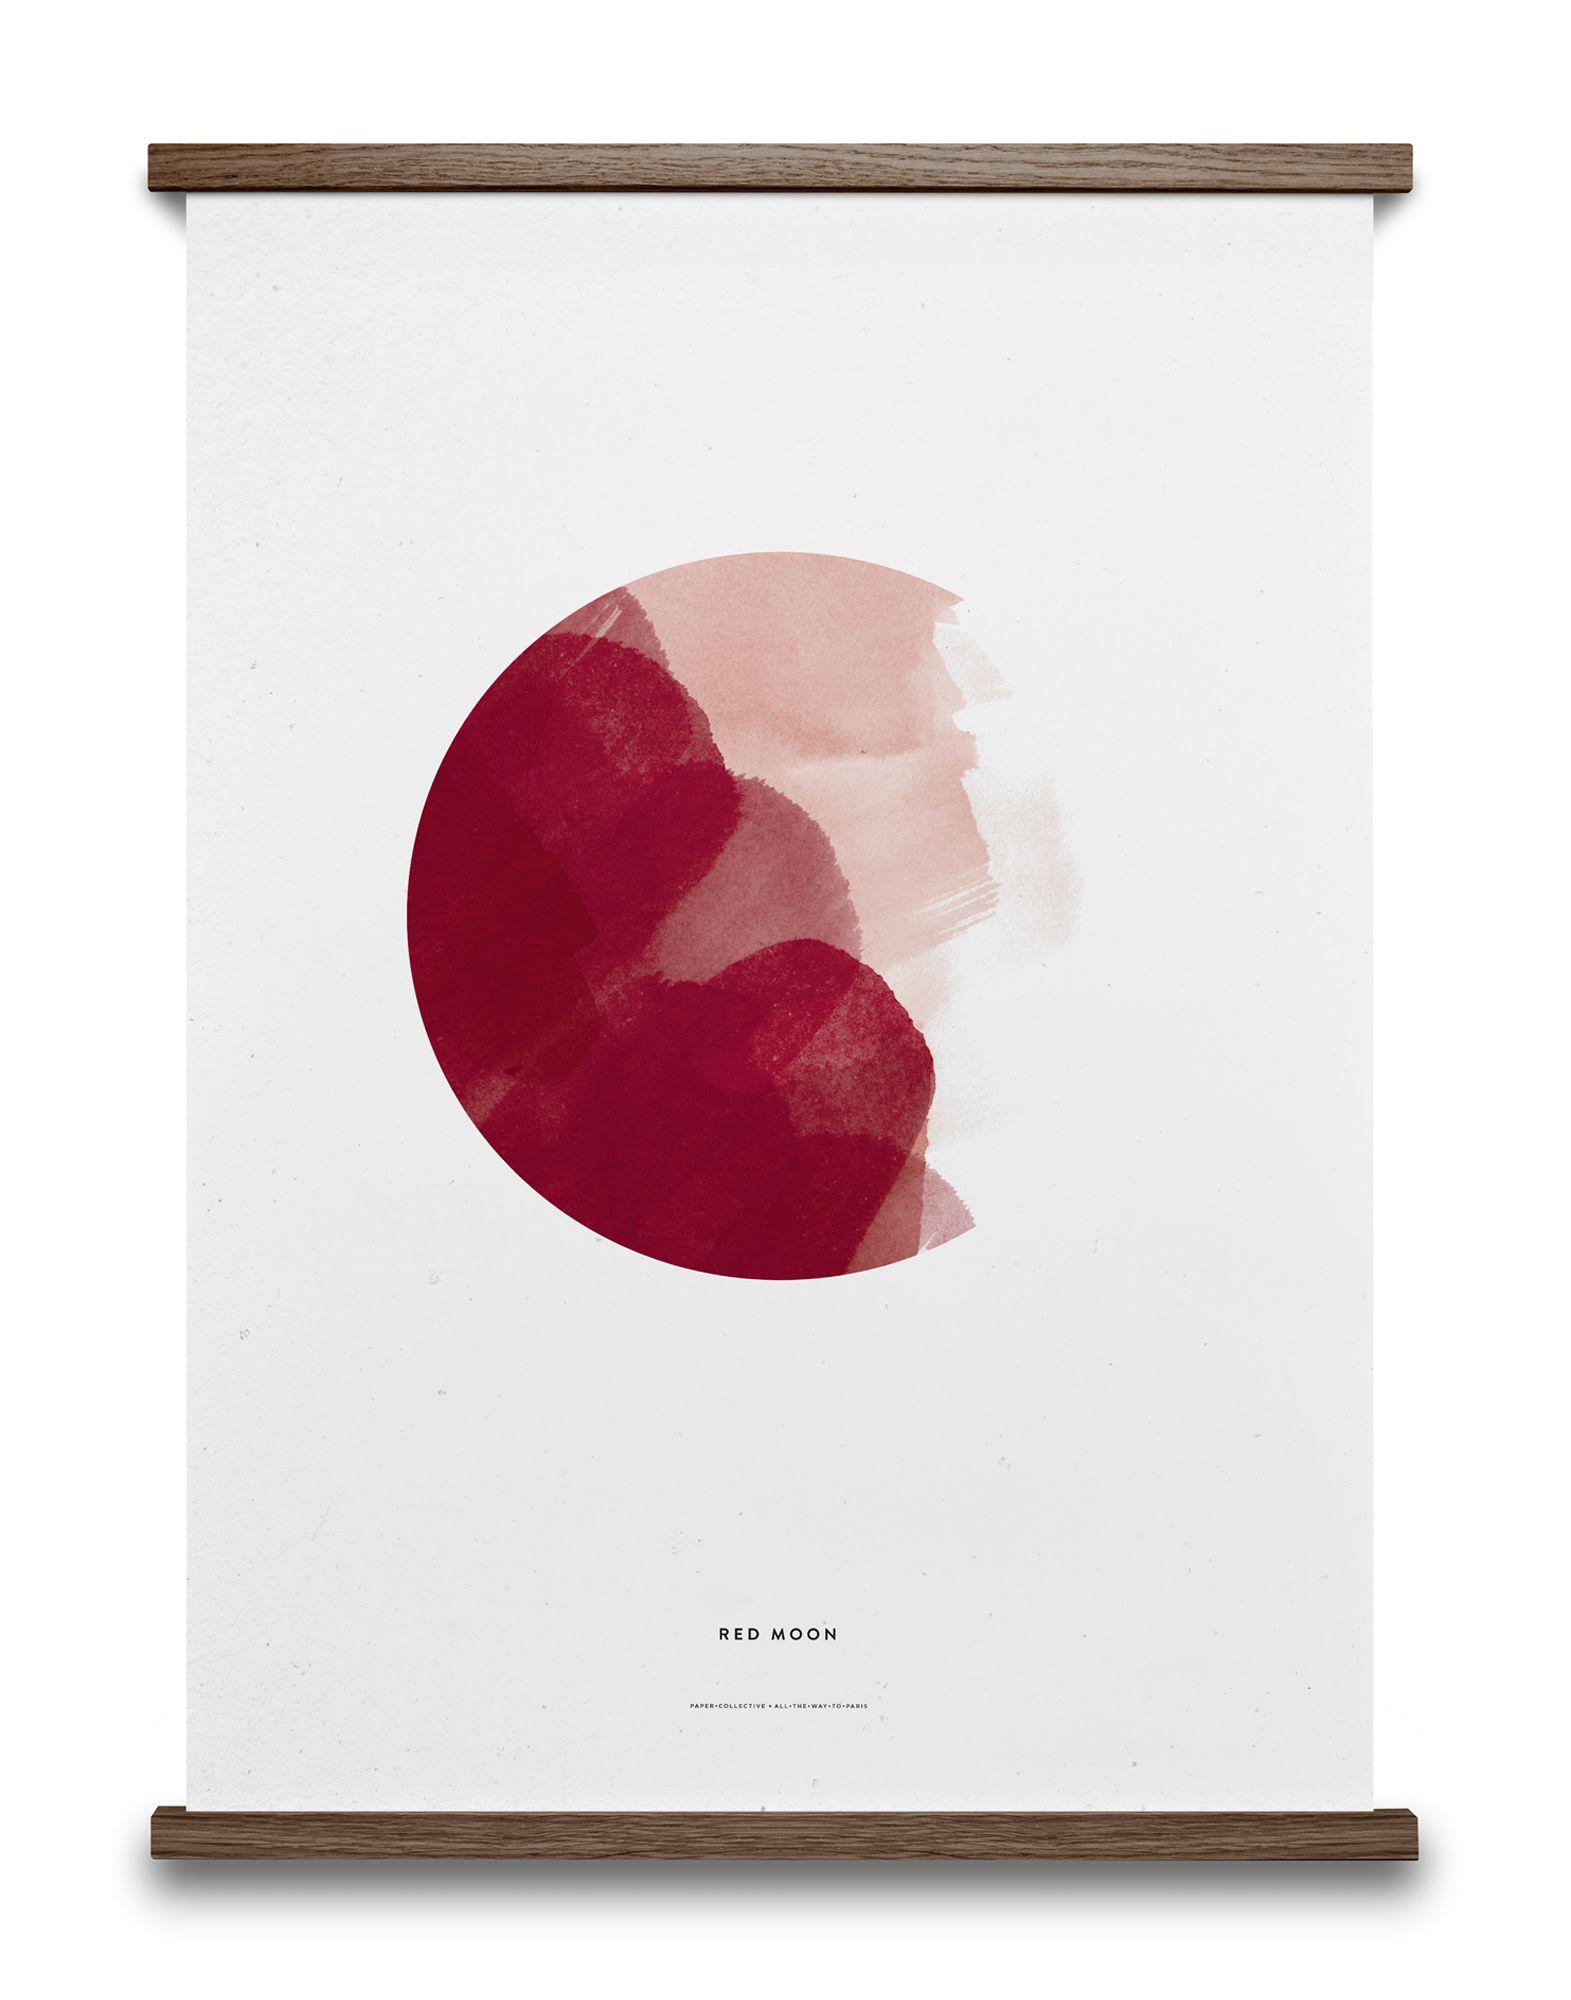 《セール開催中》PAPER COLLECTIVE Unisex デコレーション (-) 指定外繊維(紙) Red Moon